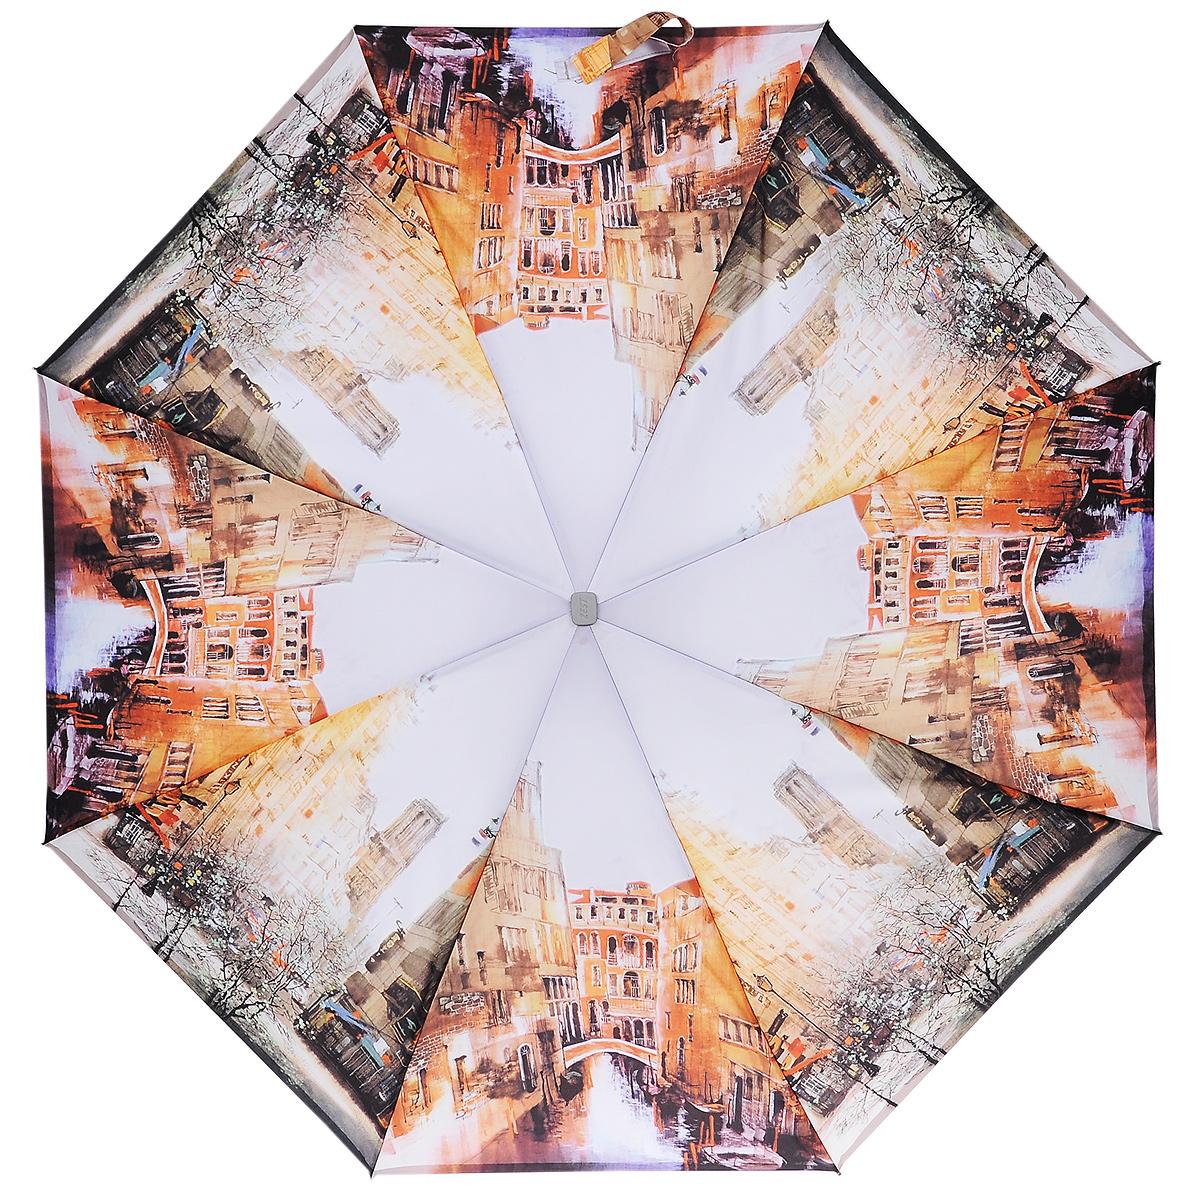 Зонт женский Zest, автомат, 3 сложения, цвет: оранжевый. 23815-911323815-9113Автоматический зонт Zest в 3 сложения даже в ненастную погоду позволит вам оставаться стильной и элегантной. Детали каркаса изготовлены из высокопрочных материалов, специальная система Windproof защищает его от поломок. Зонт оснащен 8 спицами, выполненными из фибергласса. Ручка из прорезиненного пластика разработана с учетом требований эргономики. Используемые высококачественные красители, а также покрытие Teflon обеспечивают длительное сохранение свойств ткани купола зонта. Купол выполнен из полиэстера и оформлен изображением городского пейзажа. Зонт имеет полный автоматический механизм сложения: купол открывается и закрывается нажатием кнопки на рукоятке, стержень складывается вручную до характерного щелчка. На рукоятке для удобства есть небольшой шнурок, позволяющий надеть зонт на руку тогда, когда это будет необходимо. К зонту прилагается чехол. Характеристики: Материал: алюминий, фибергласс, пластик, полиэстер. Длина...